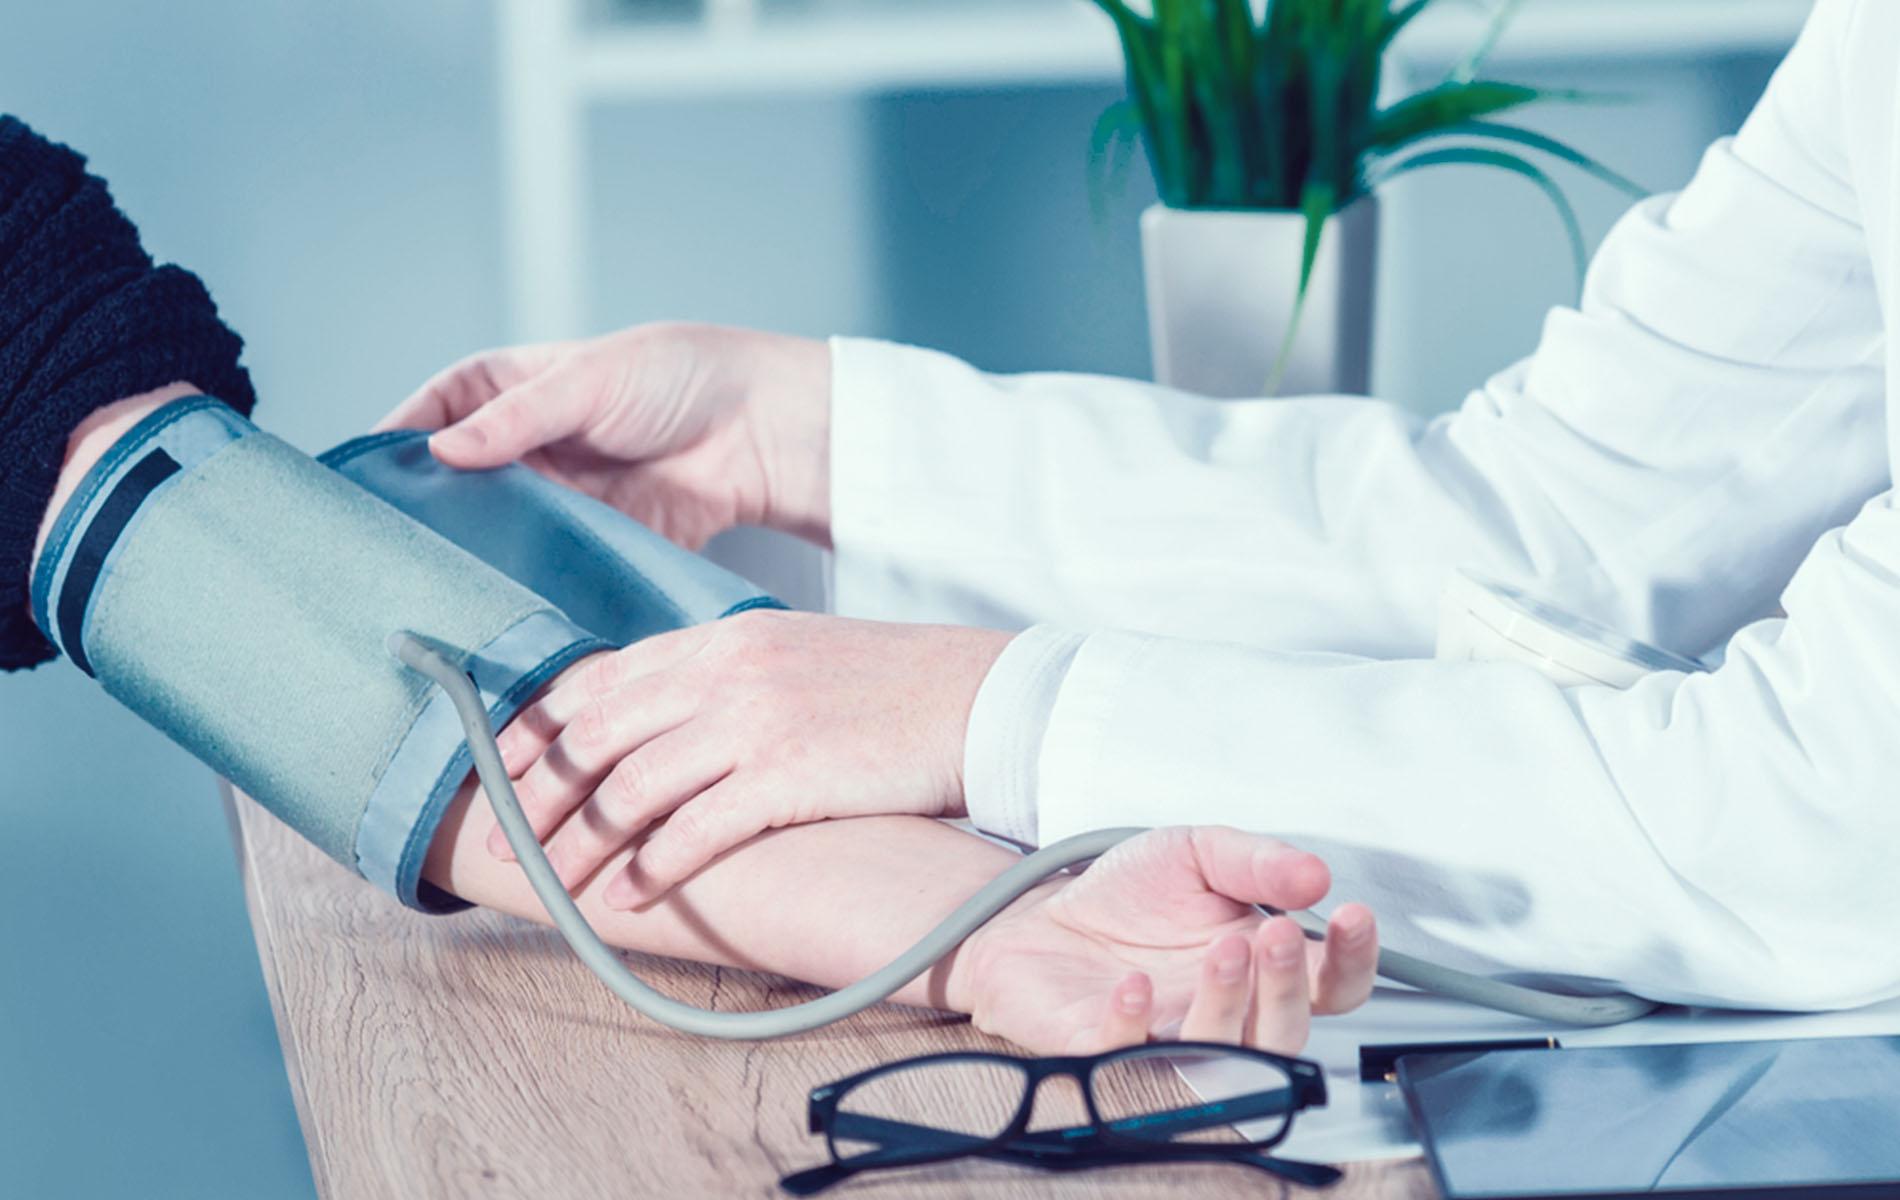 Лечение гипертонии в Москве — лучшие клиники и медцентры ...